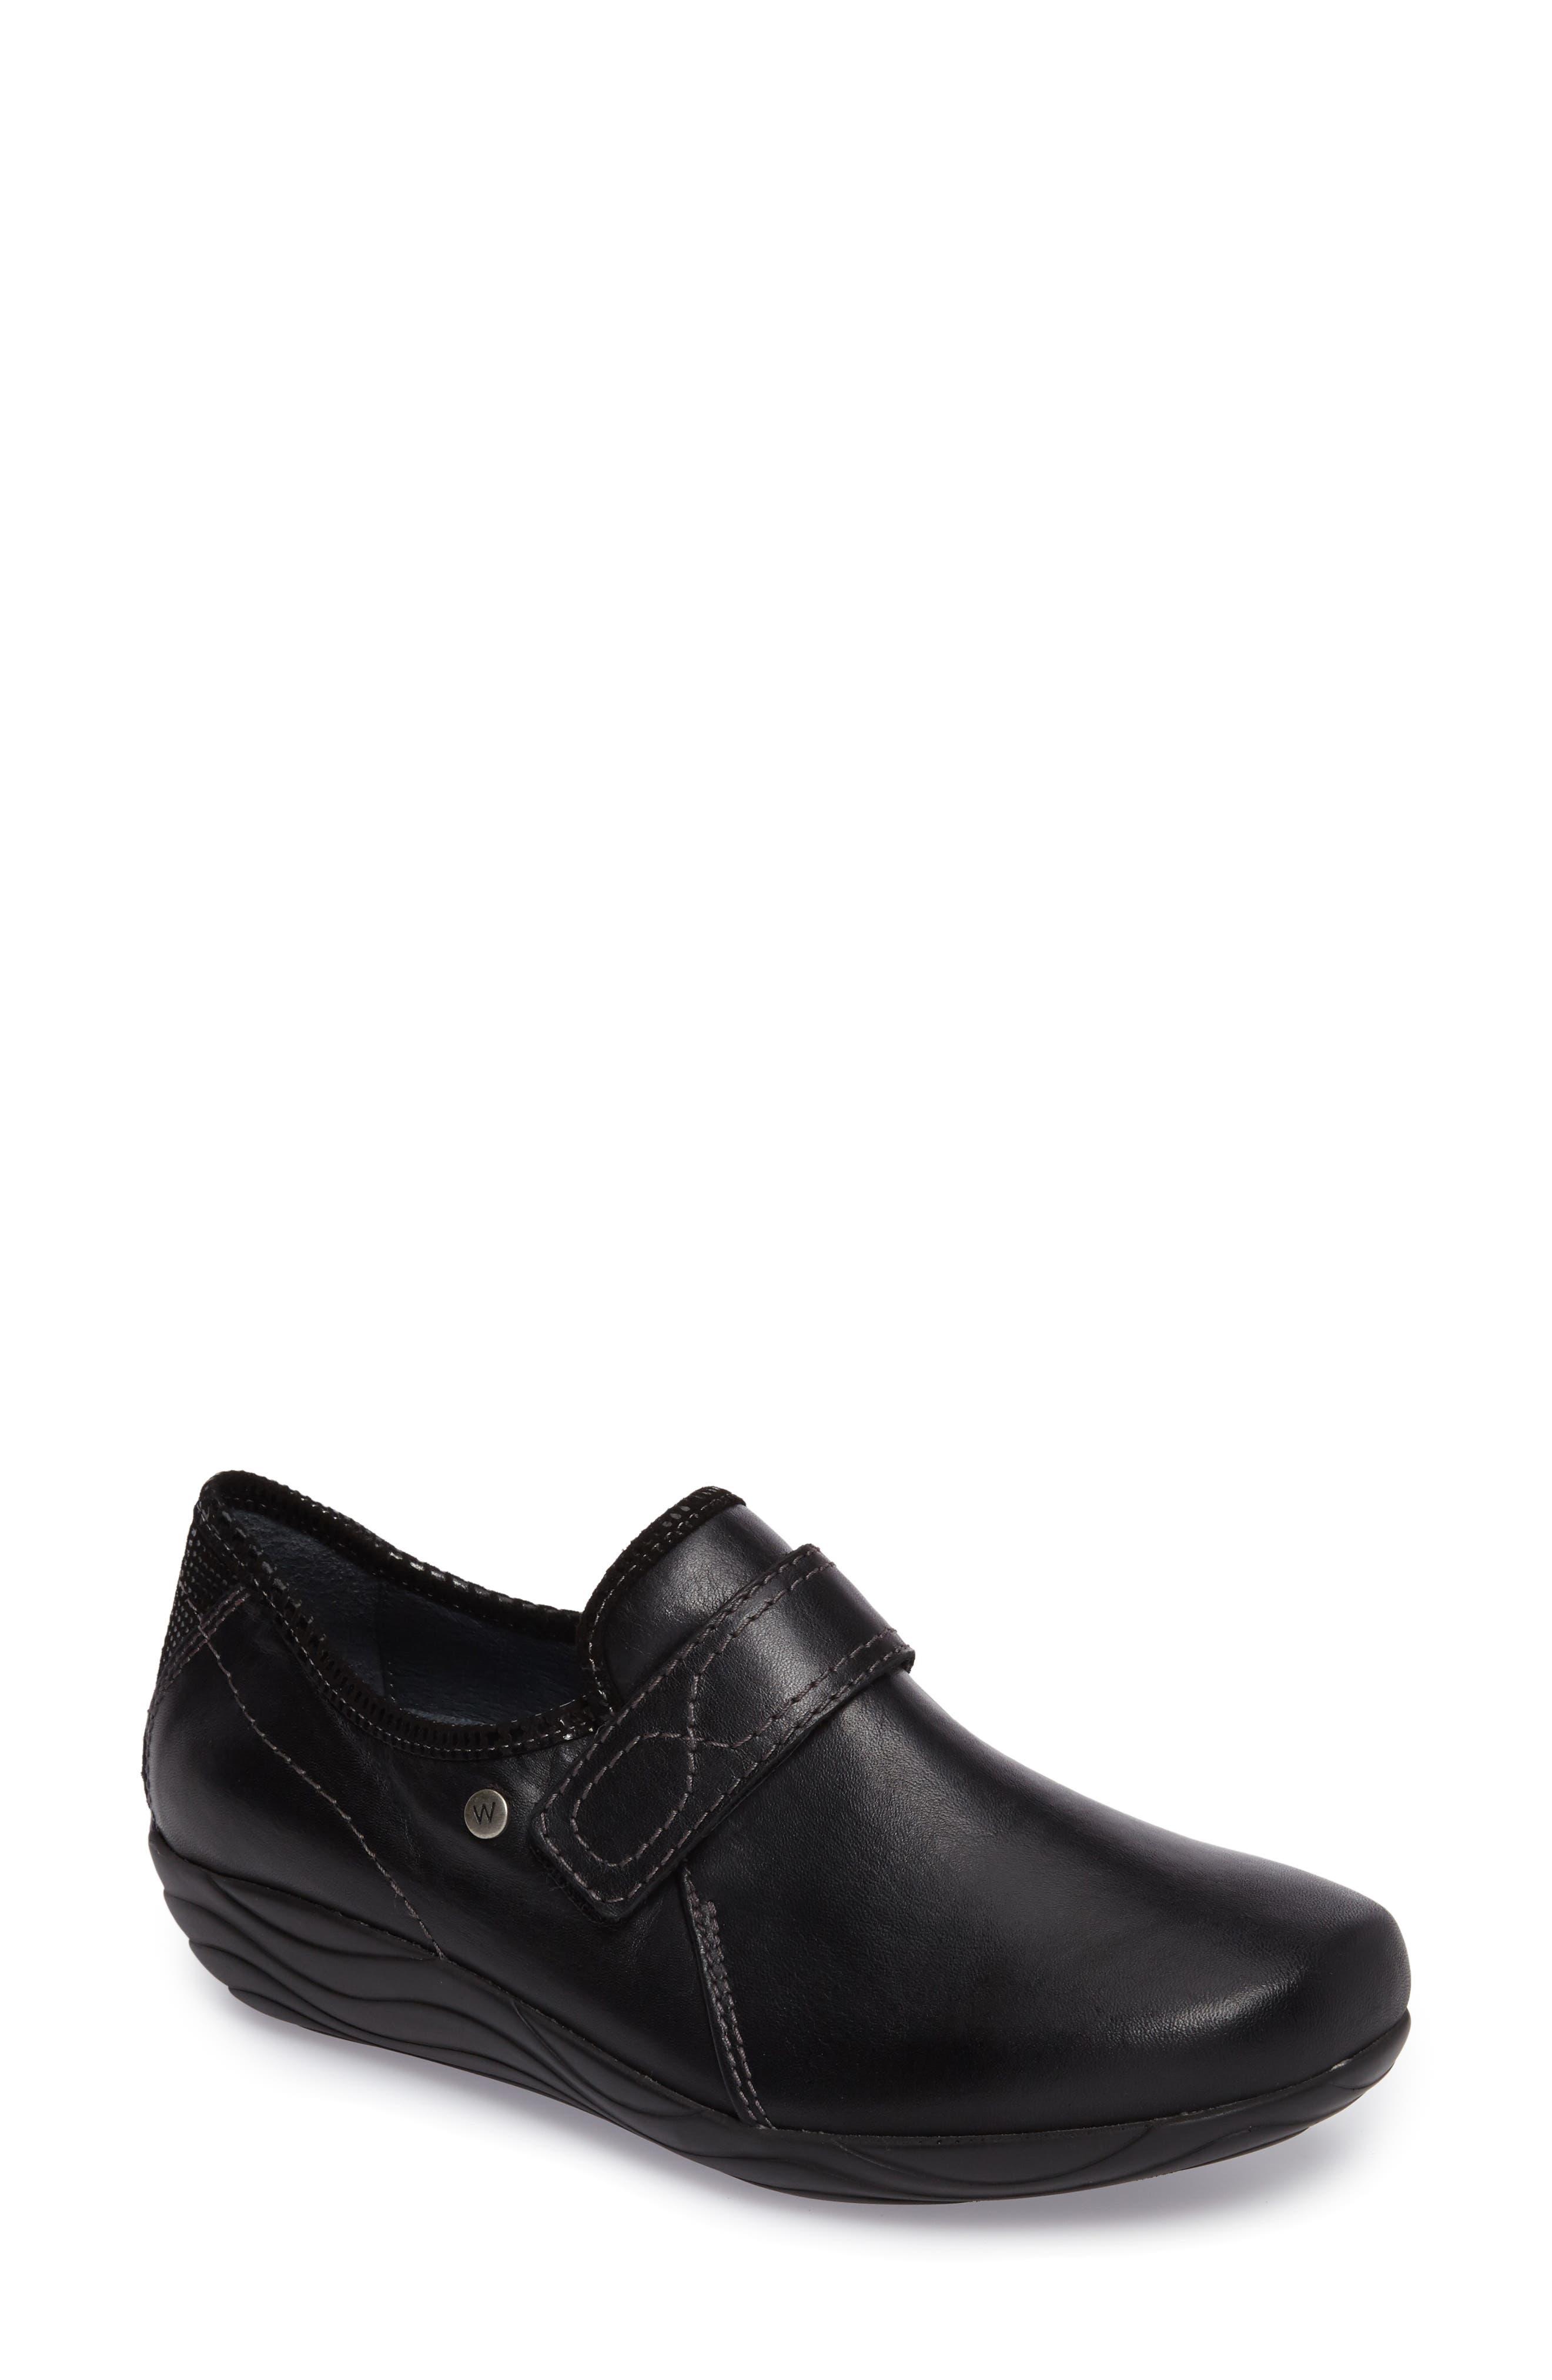 Desna Slip-On Sneaker,                         Main,                         color, 001